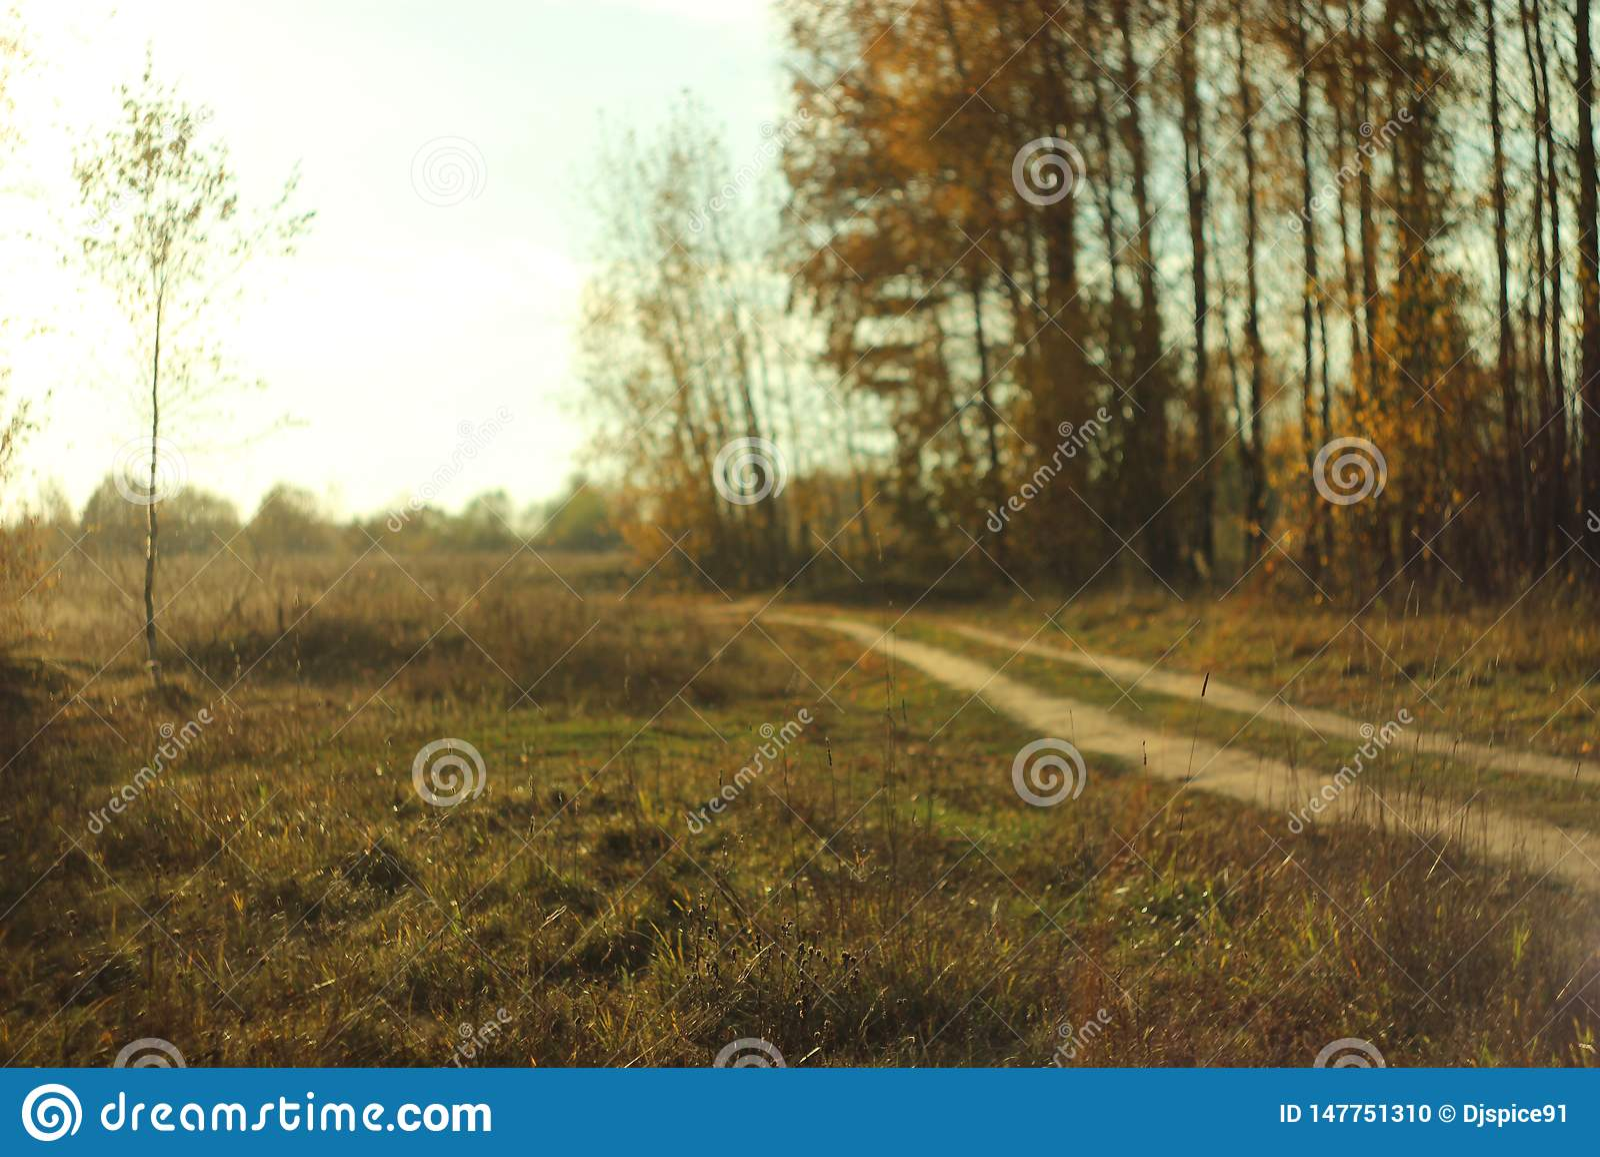 Estrada de terra da floresta em um dia quente